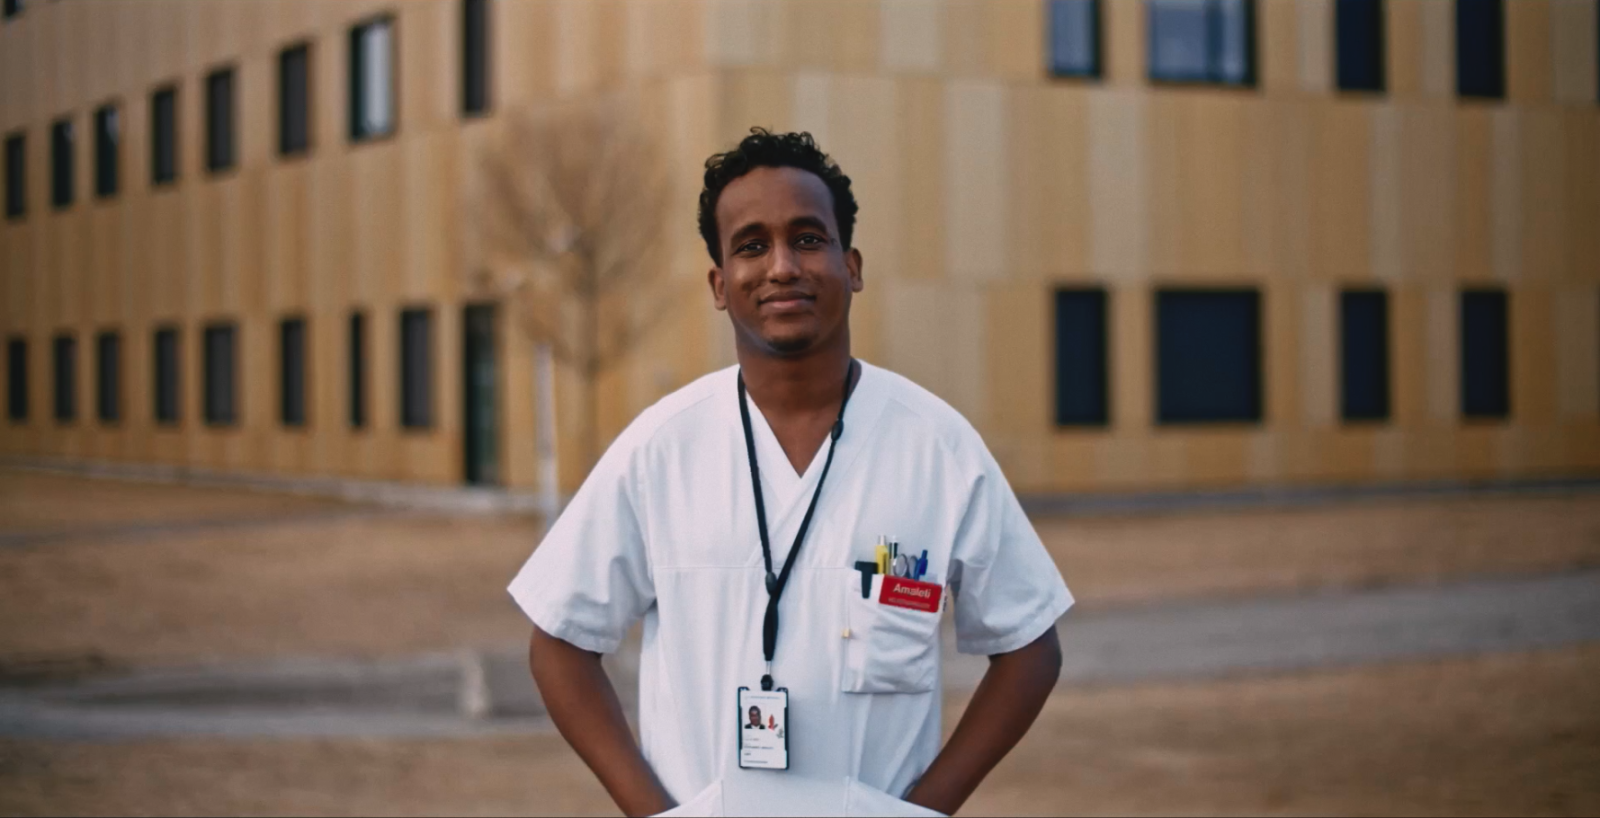 Mann i hvit sykepleieruniform, mørkt hår. Står utendørs.